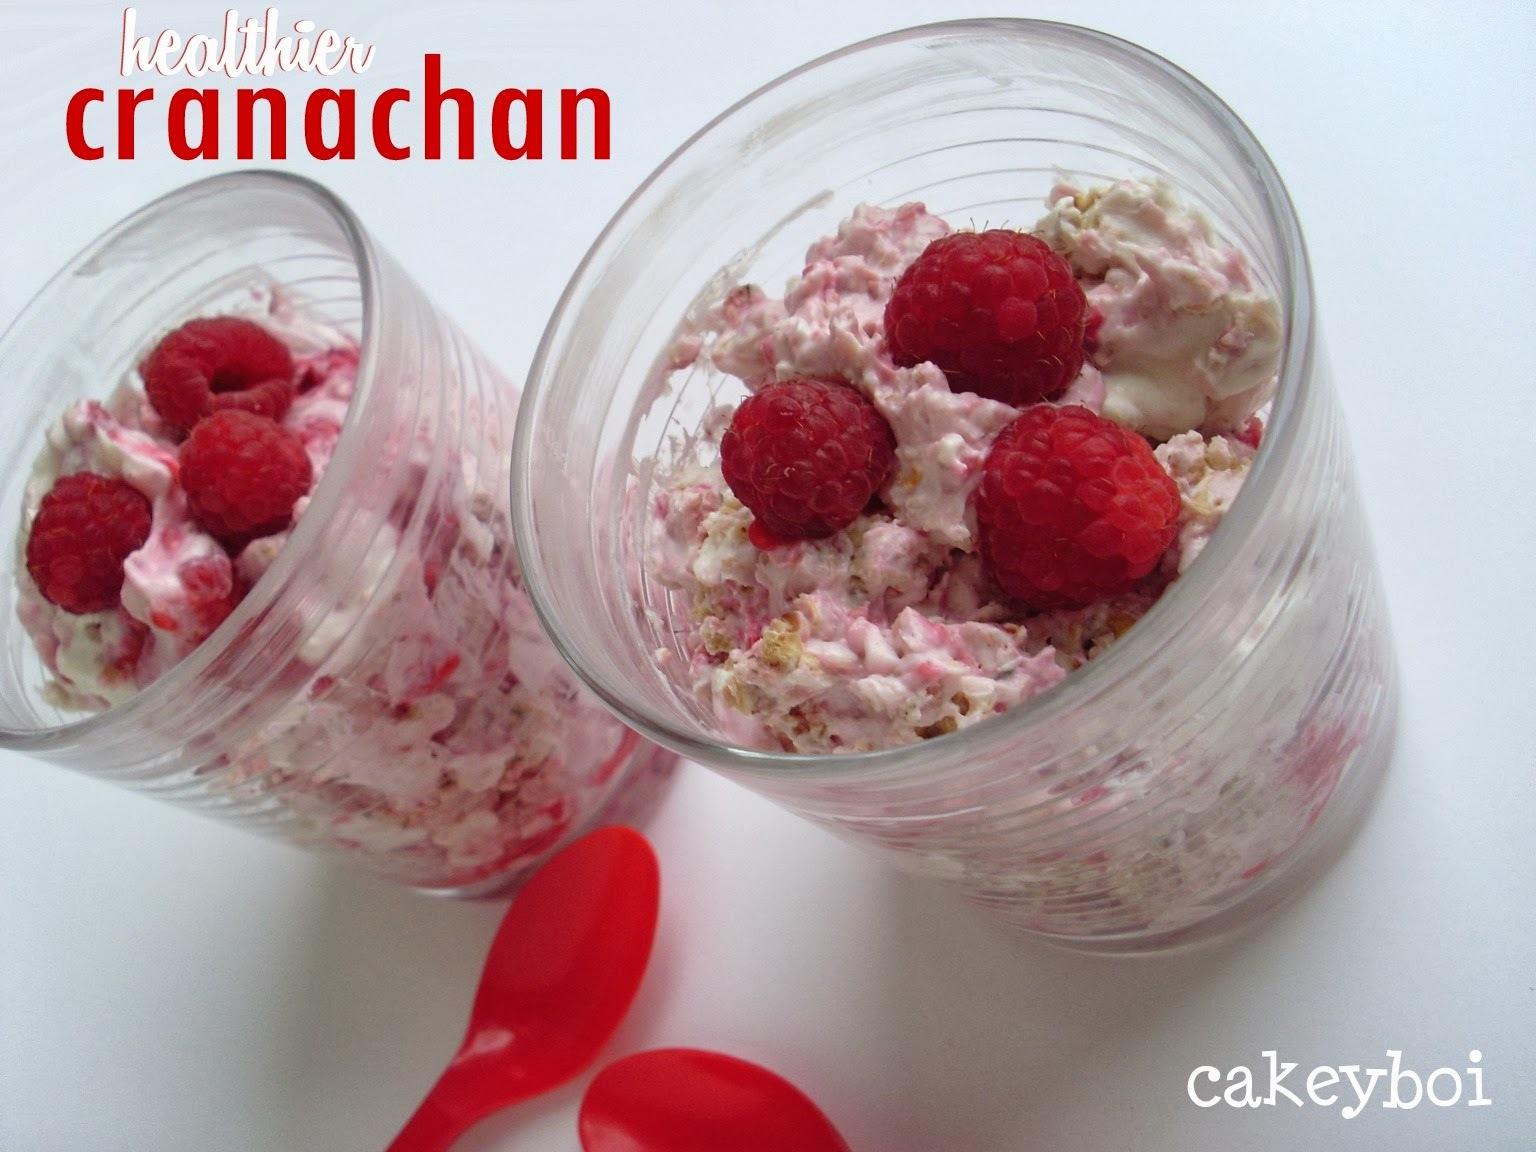 healthy cranachan